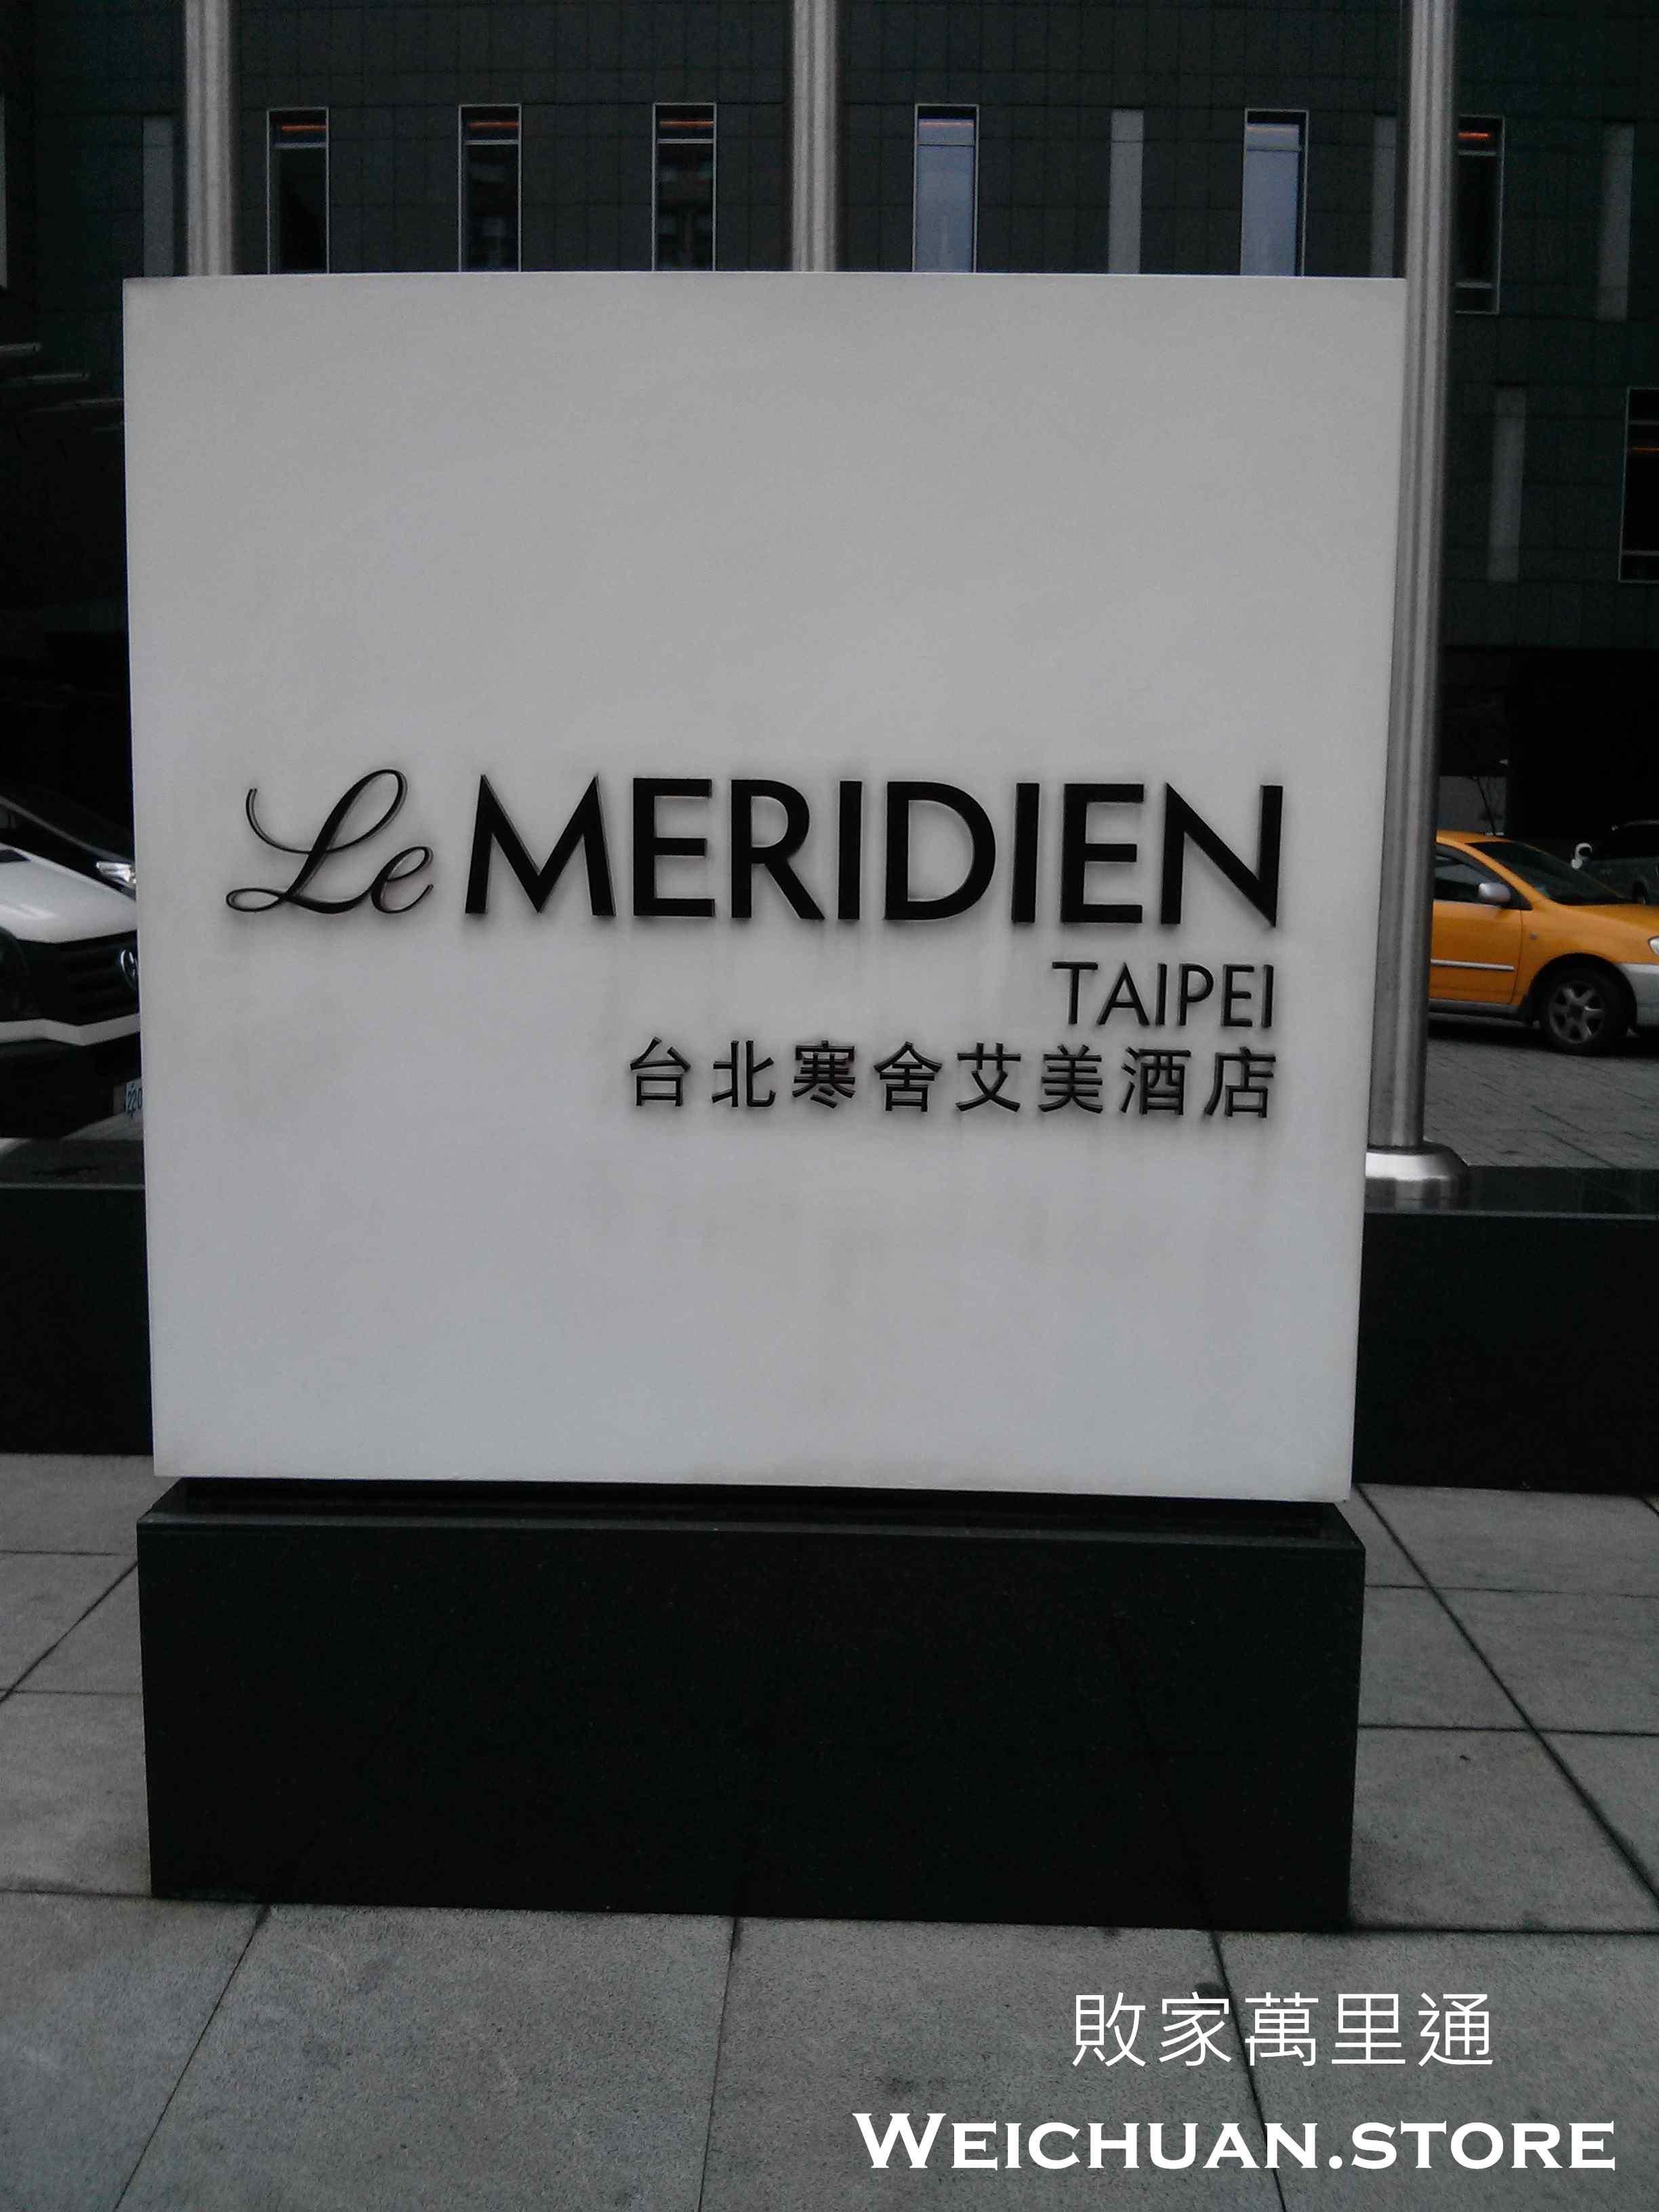 [台北]LeMERIDIEN-Taipei 寒舍艾美酒店